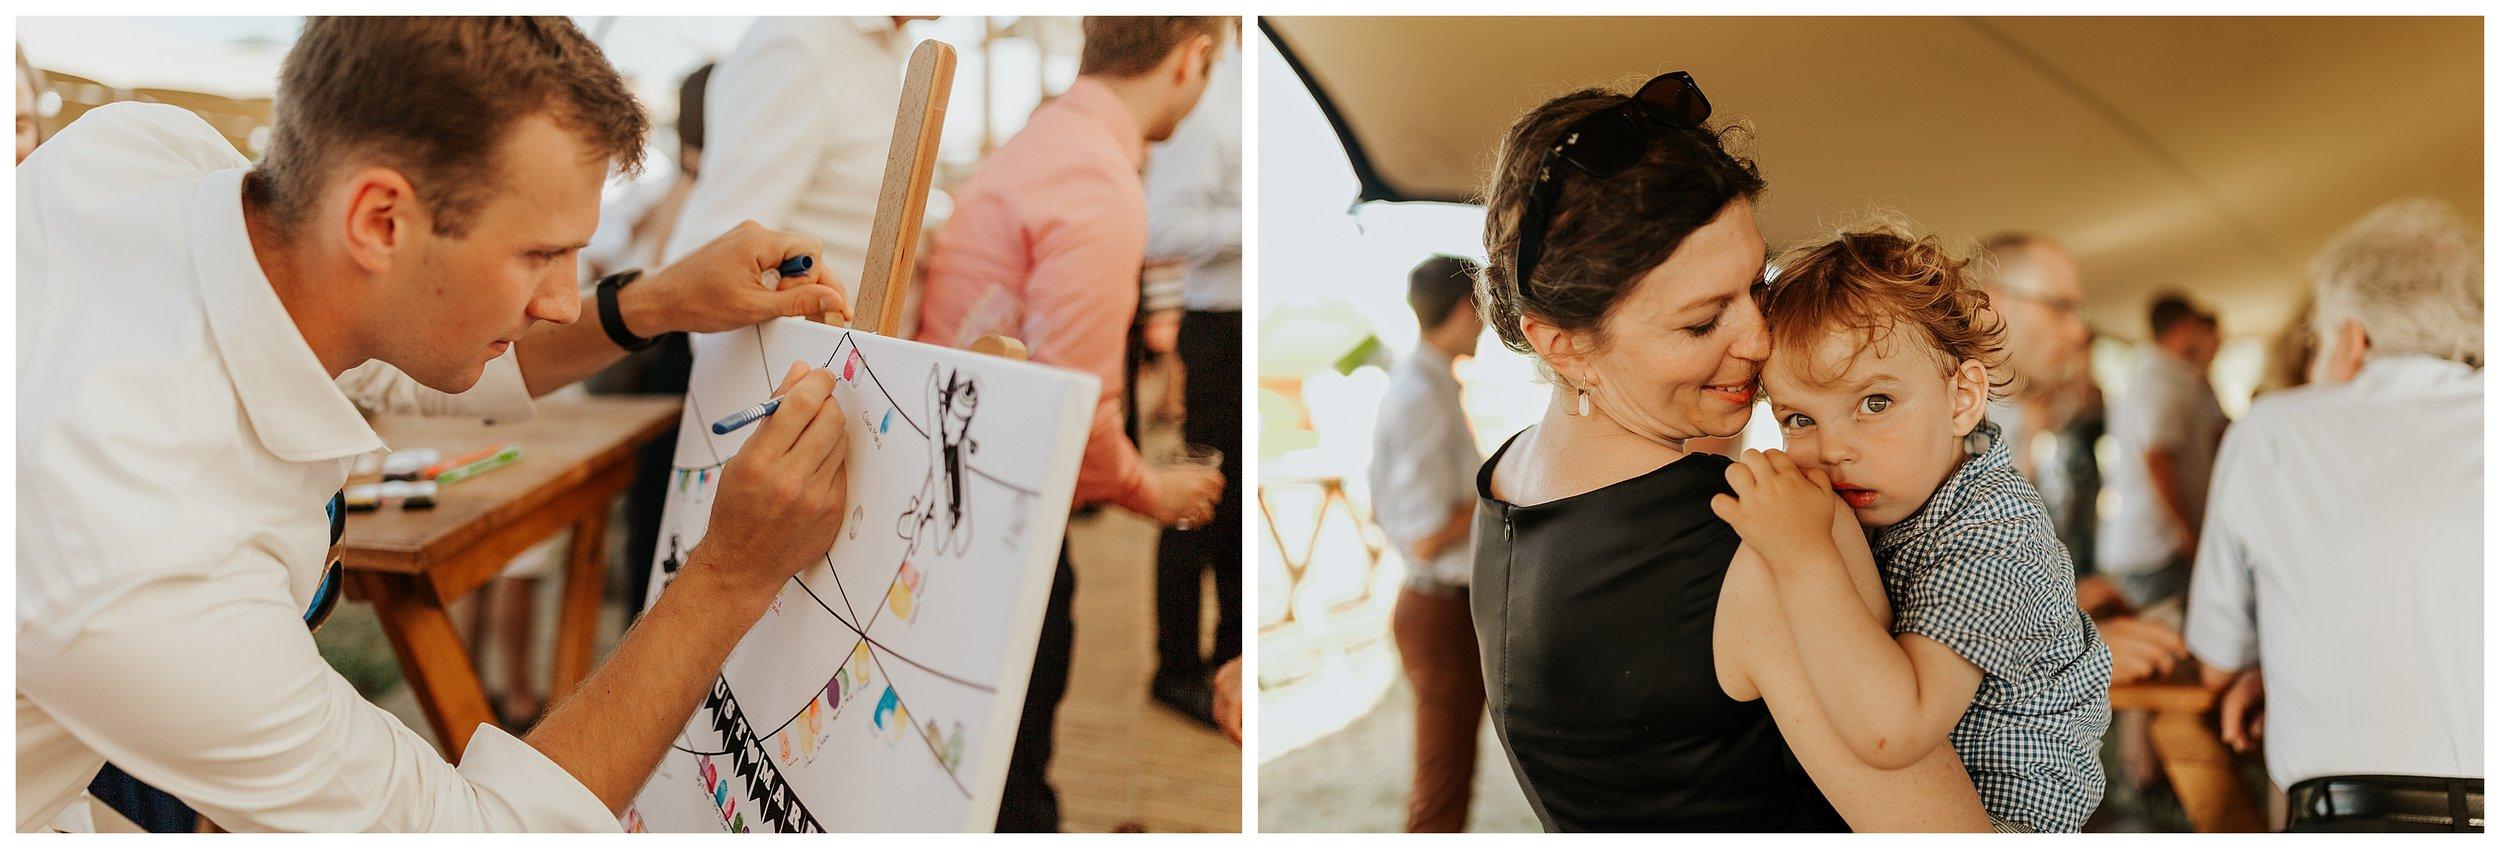 huwelijksfotograaf-huwelijksfotografie-knokke-heist-lisa-helsen-photography-trouwfotograaf-trouwfoto-sabine-pieter_0019.jpg